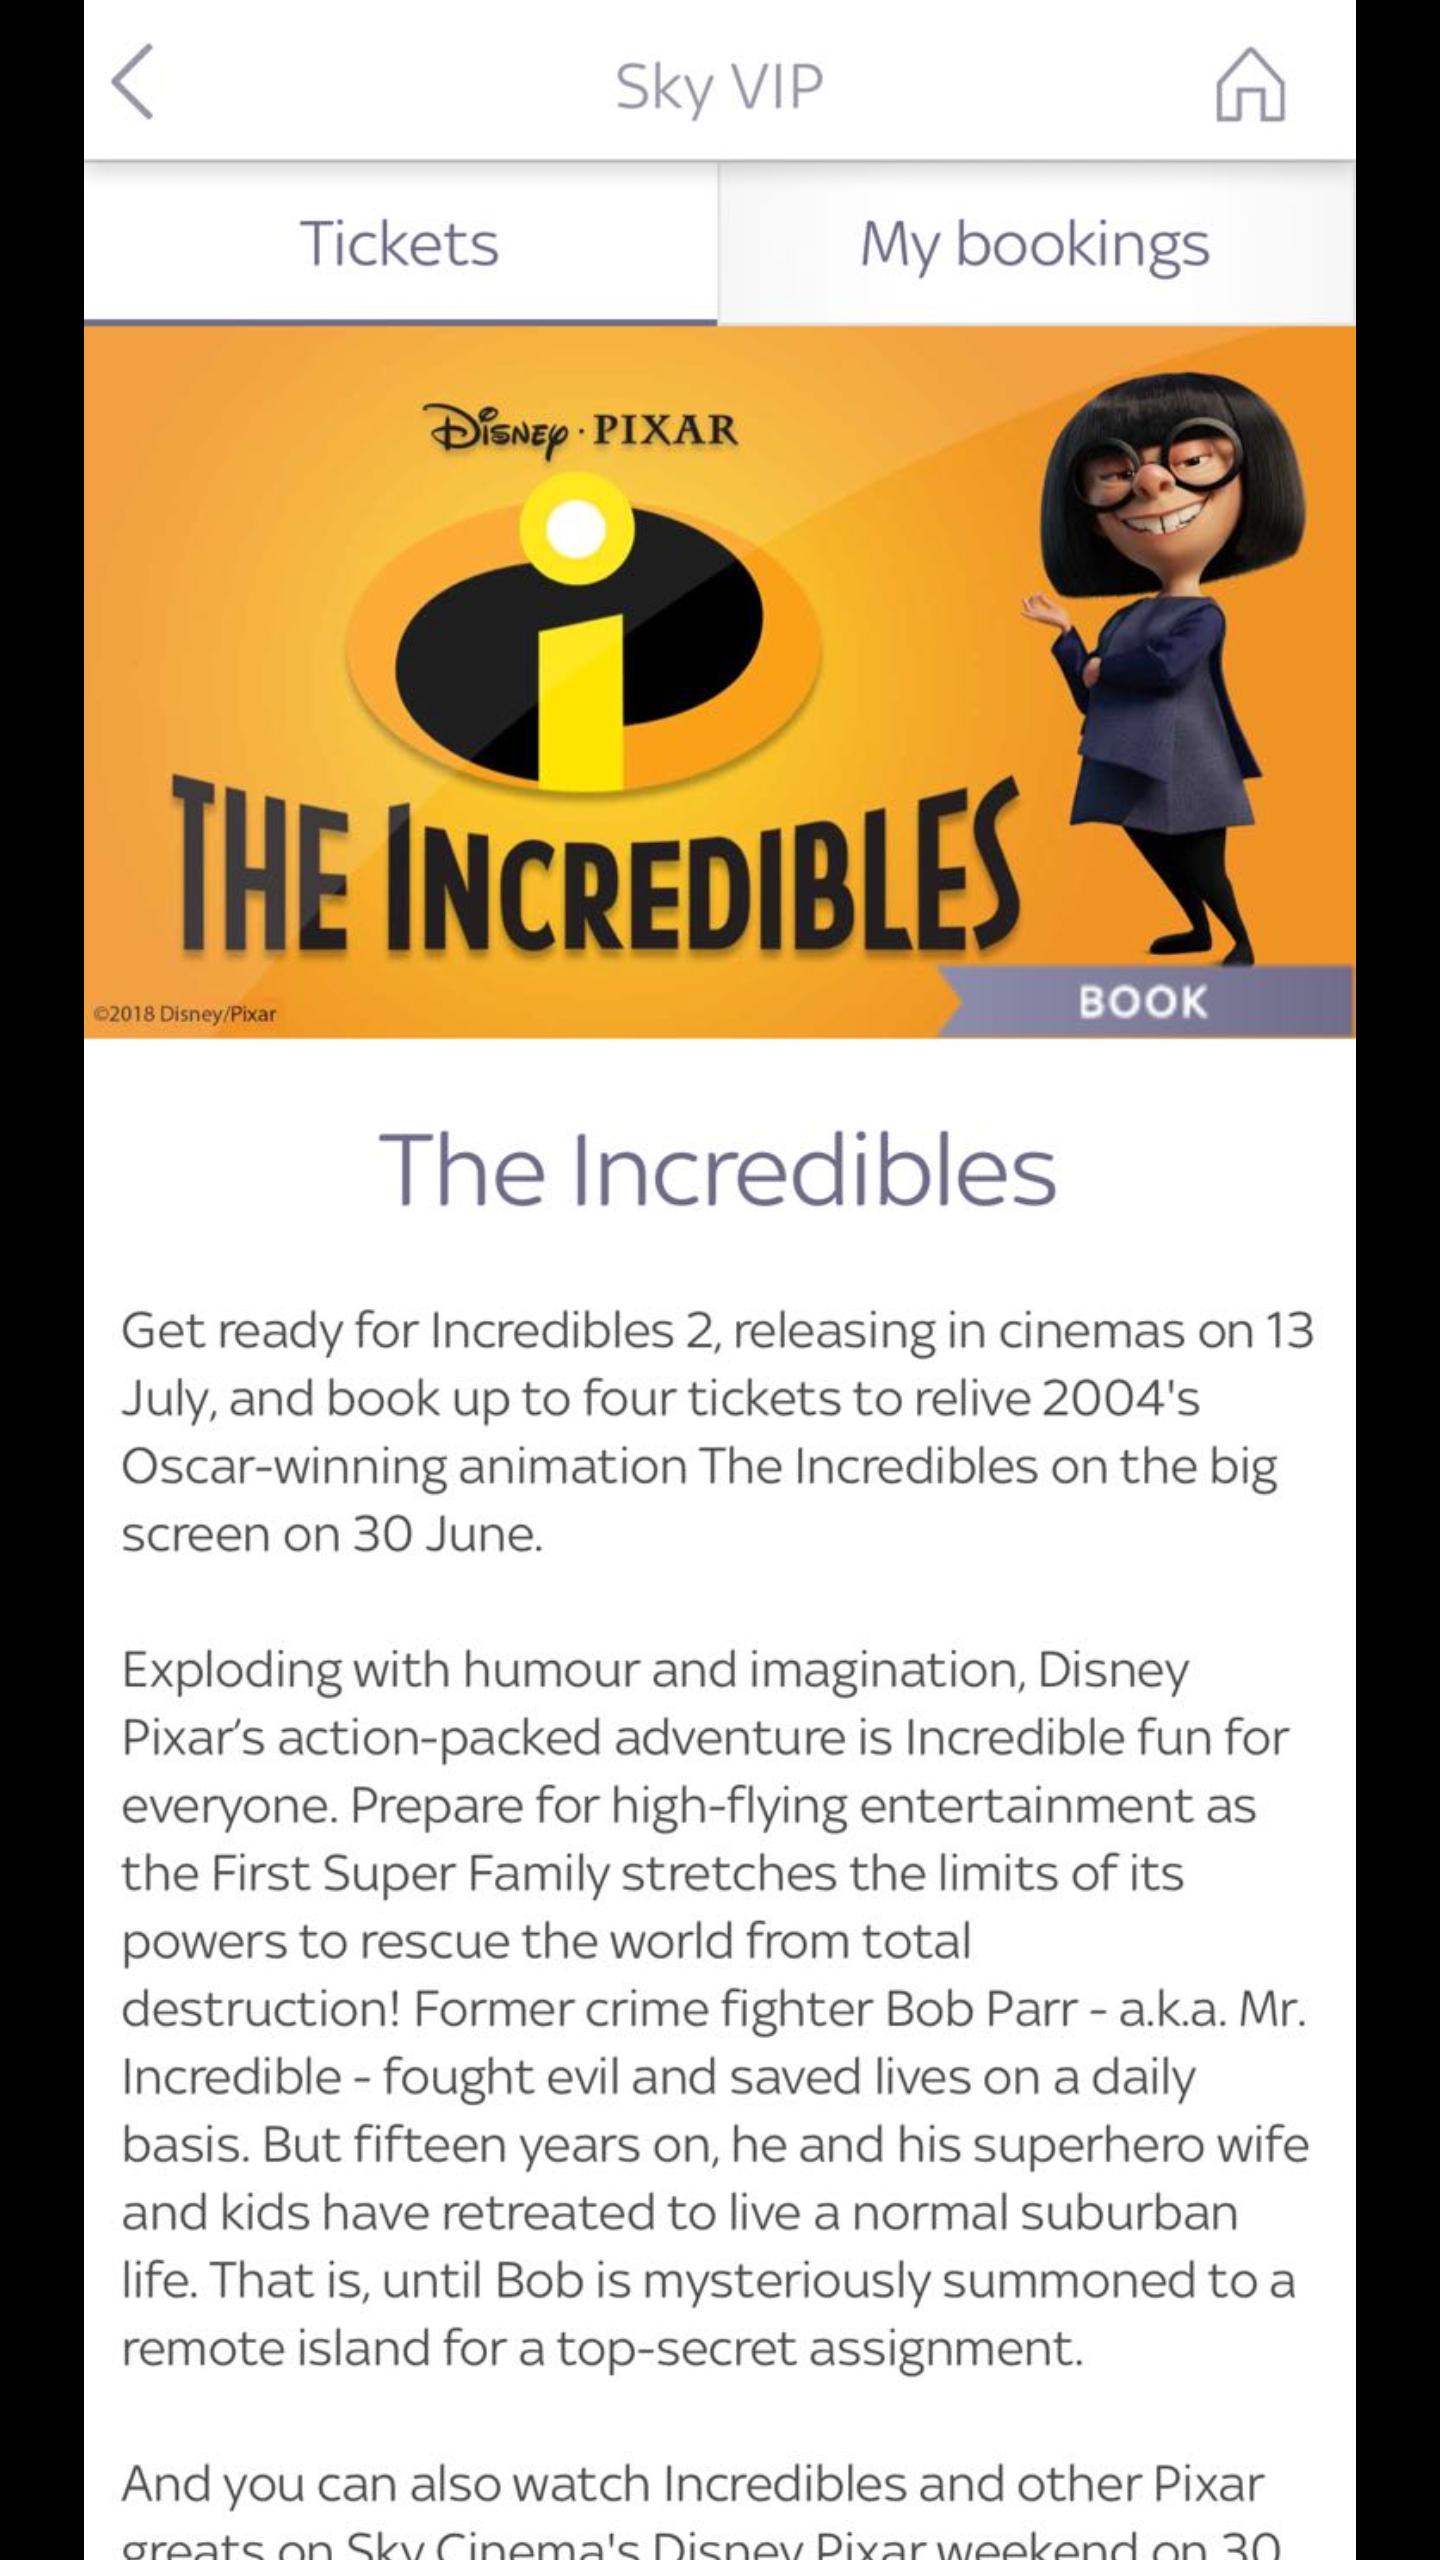 The Incredibles - Saturday 30th June - Sky VIP